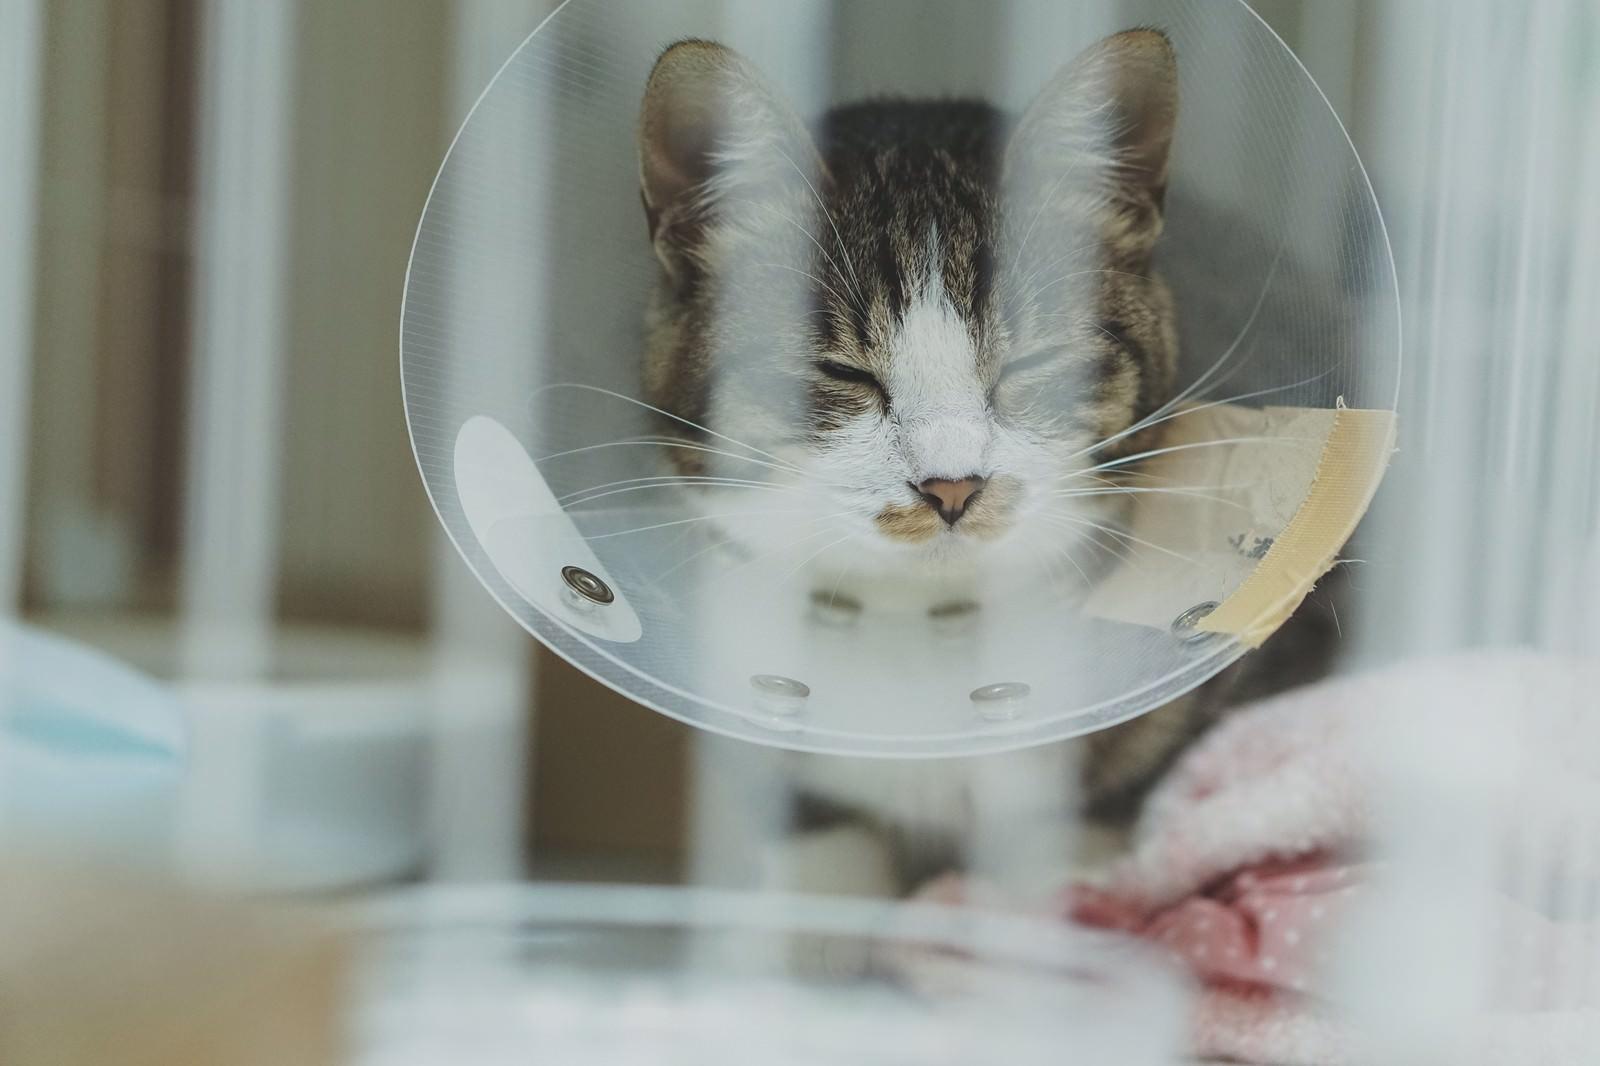 「退院後、ケージが気に食わないエリザベスカラーをつけたキジ白猫」の写真